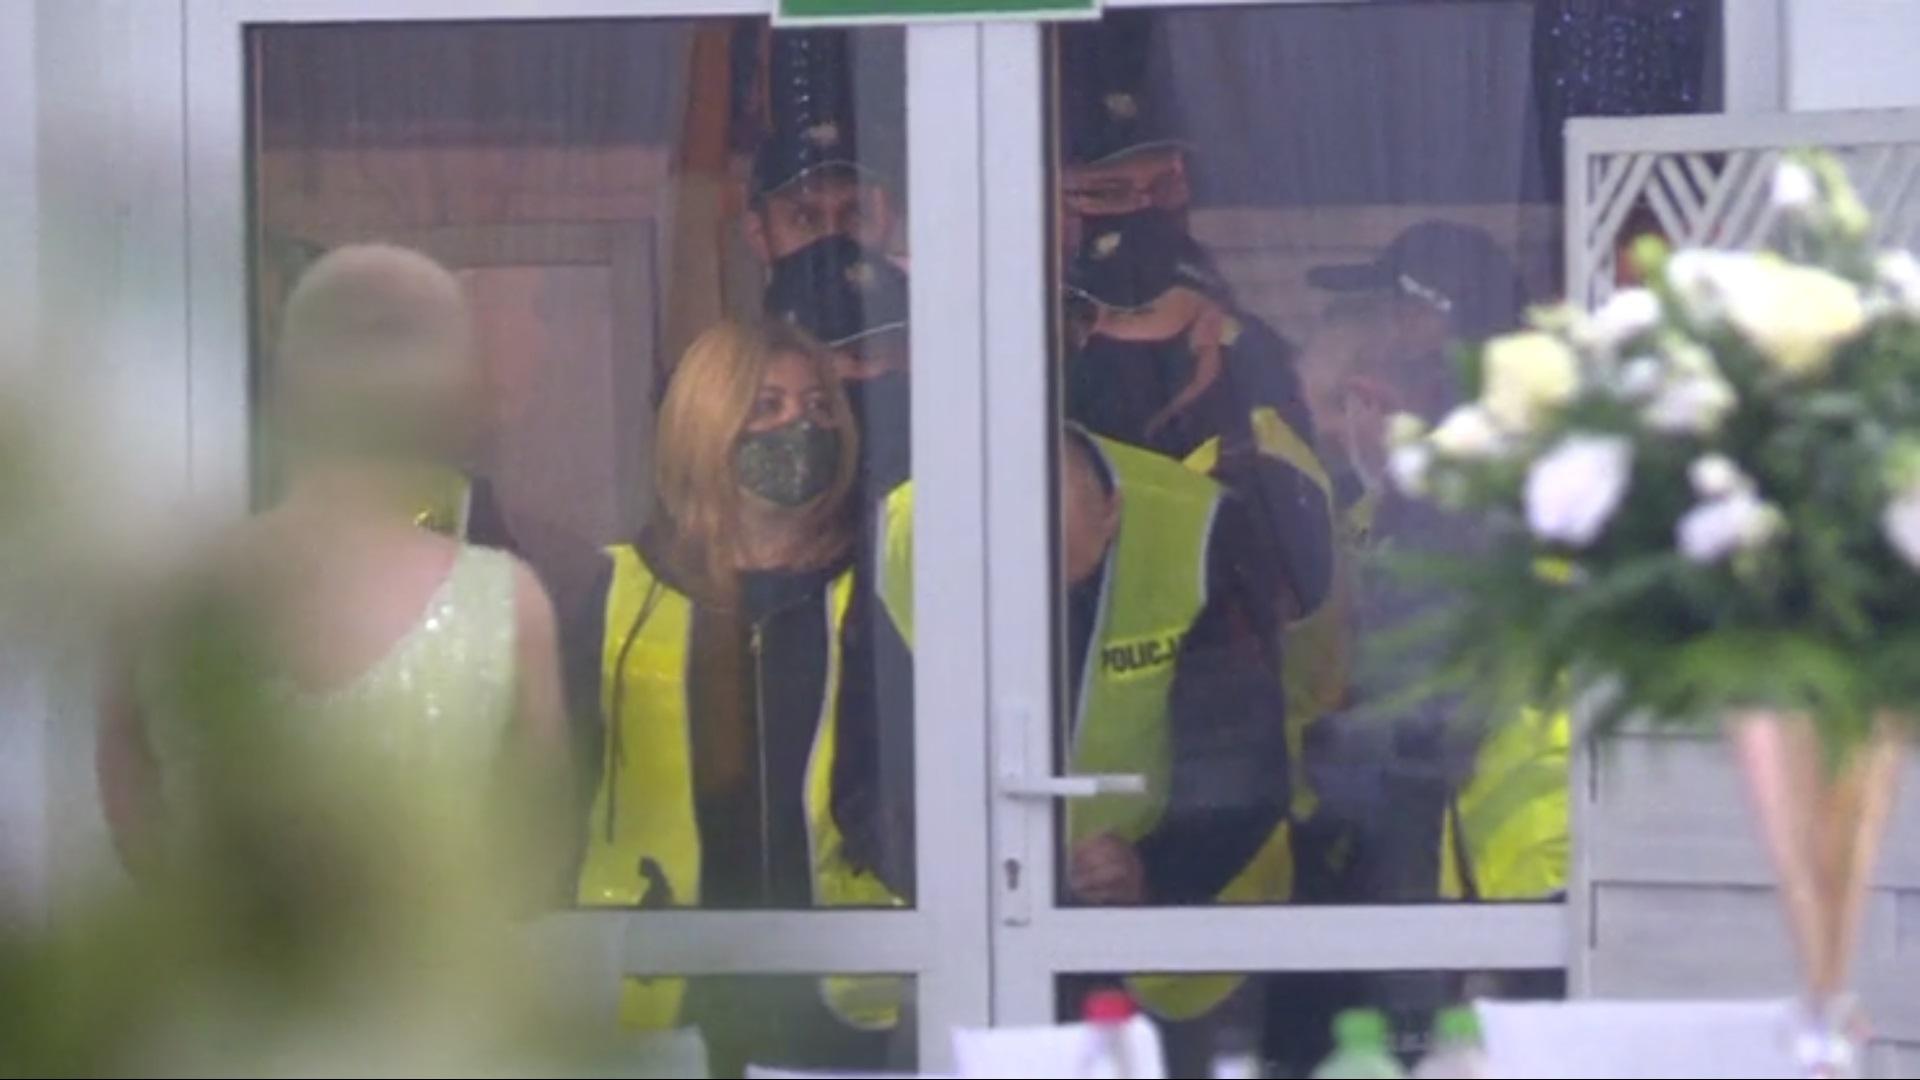 Policja przerwała wesele na którym bawiło się 81 osób,jest nagranie z interwencji patrolu. Impreza odbyła się w dobie dużych obostrzeń